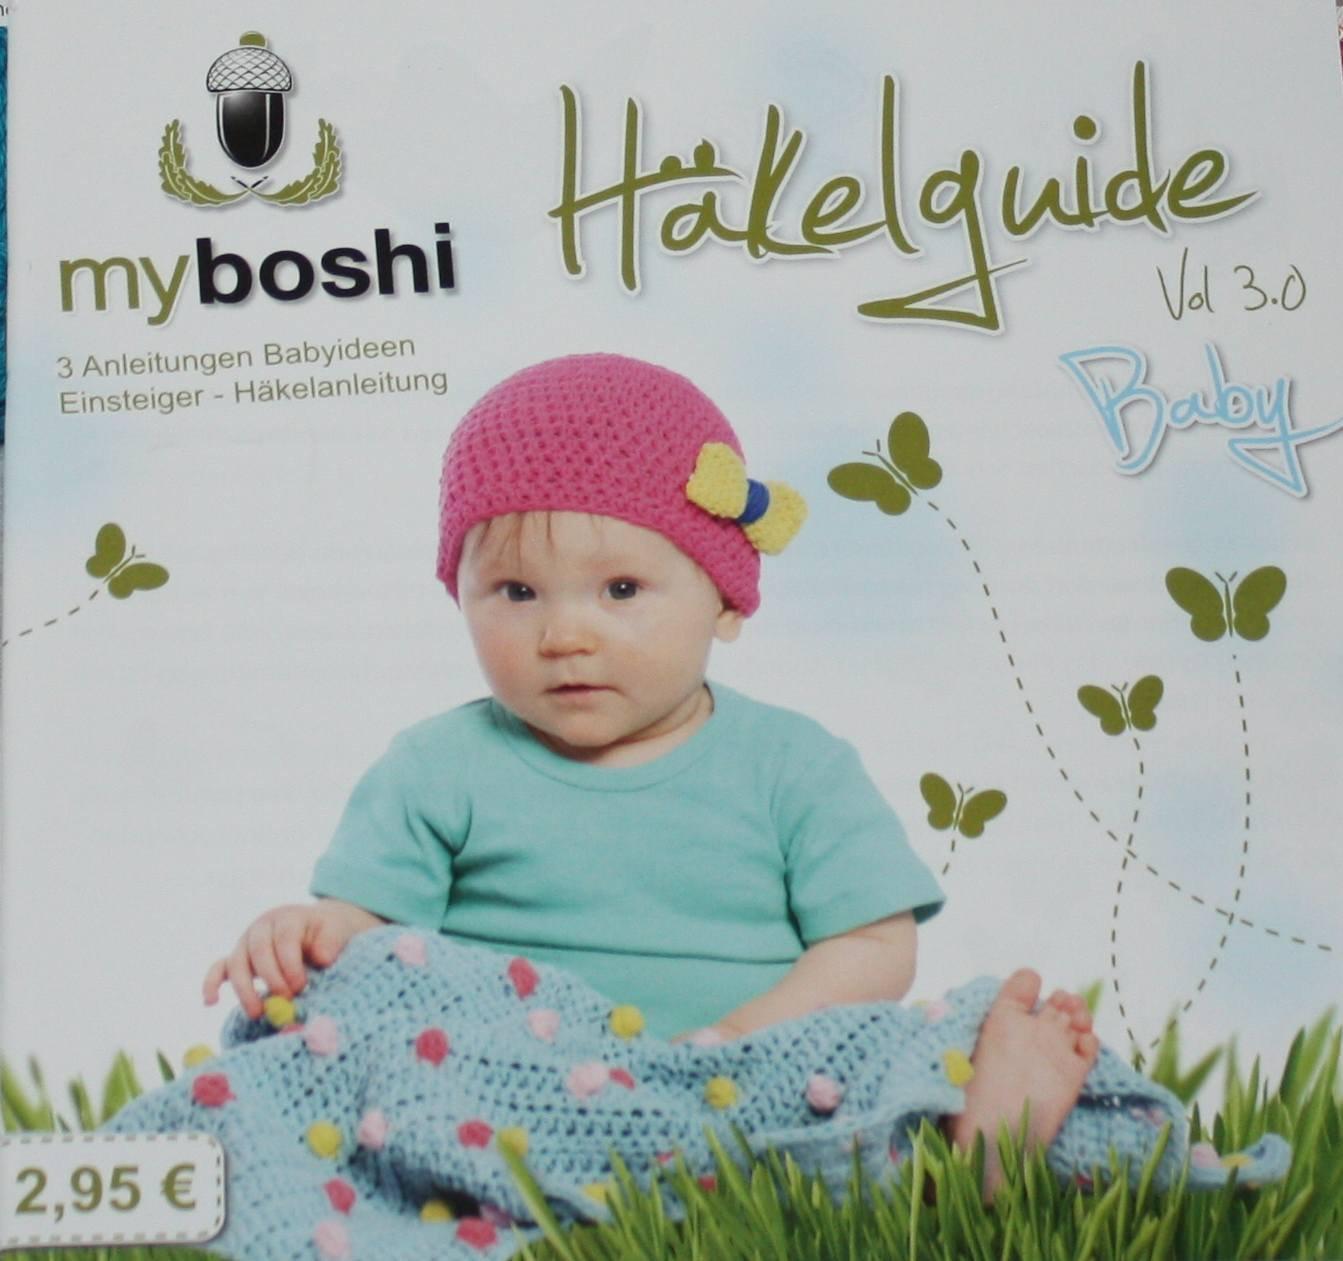 myboshi kleiner Häkelguide Baby: Amazon.de: Küche & Haushalt